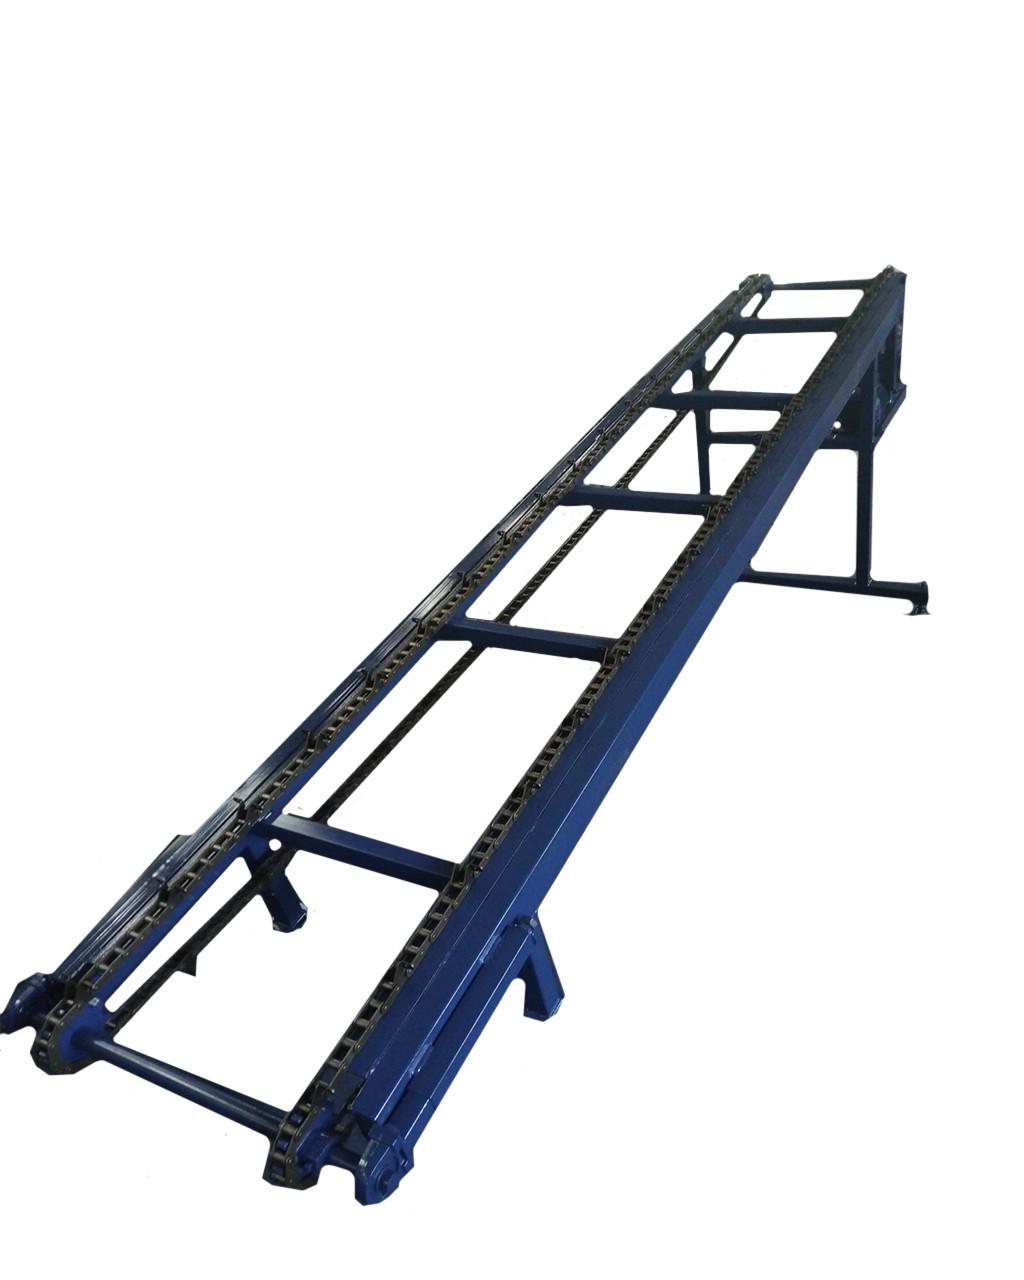 Цепной горизонтальный транспортер ленточный транспортер для сыпучих материалов своими руками